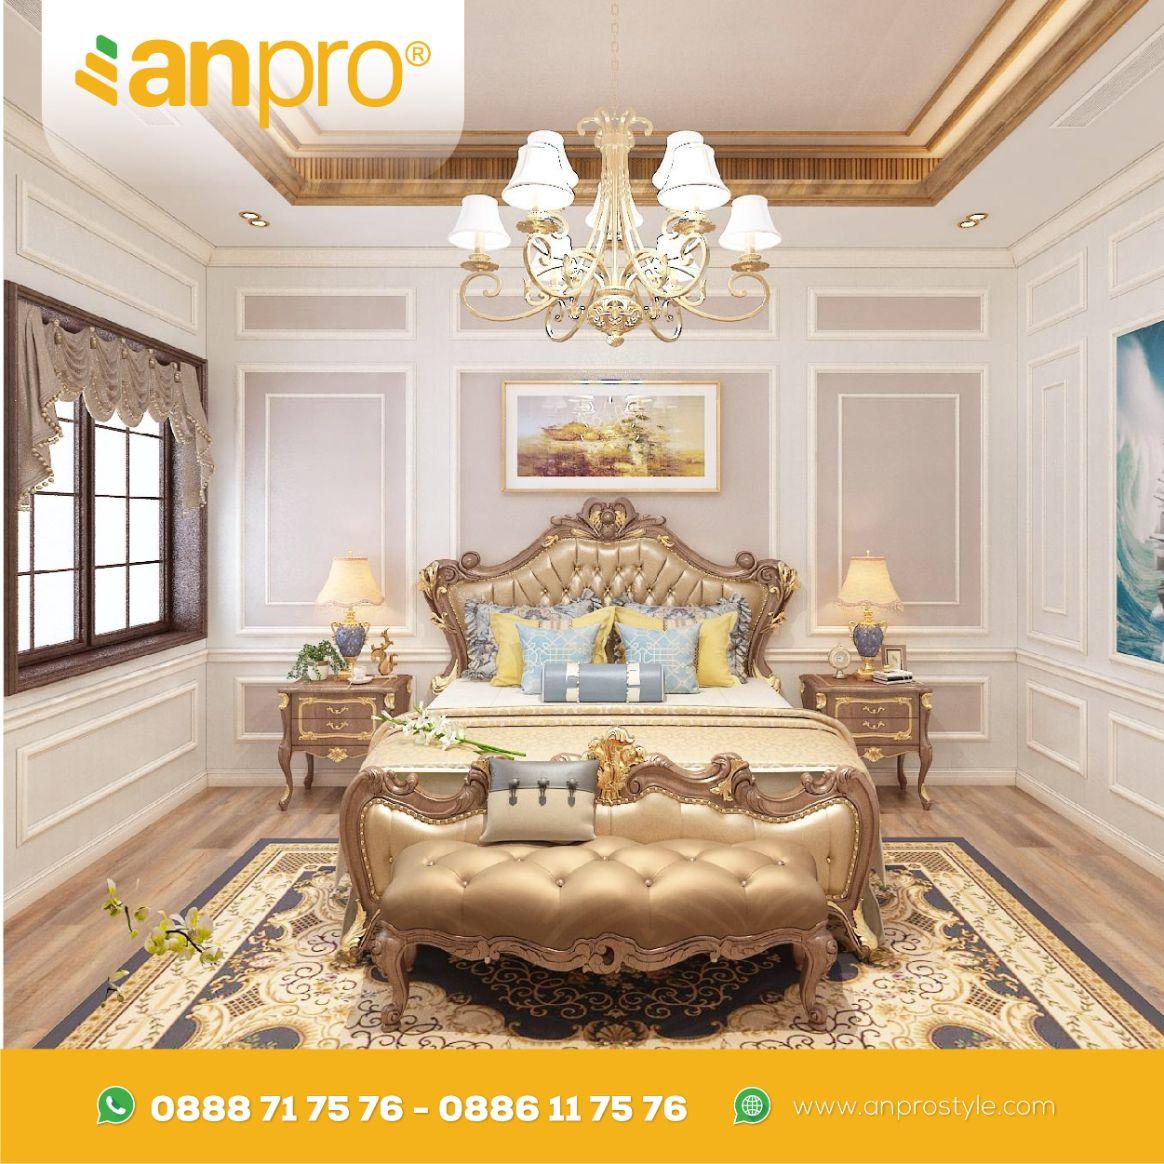 6 7 11 - Ấn tượng với thiết kế nội thất mang vẻ đẹp vượt thời gian